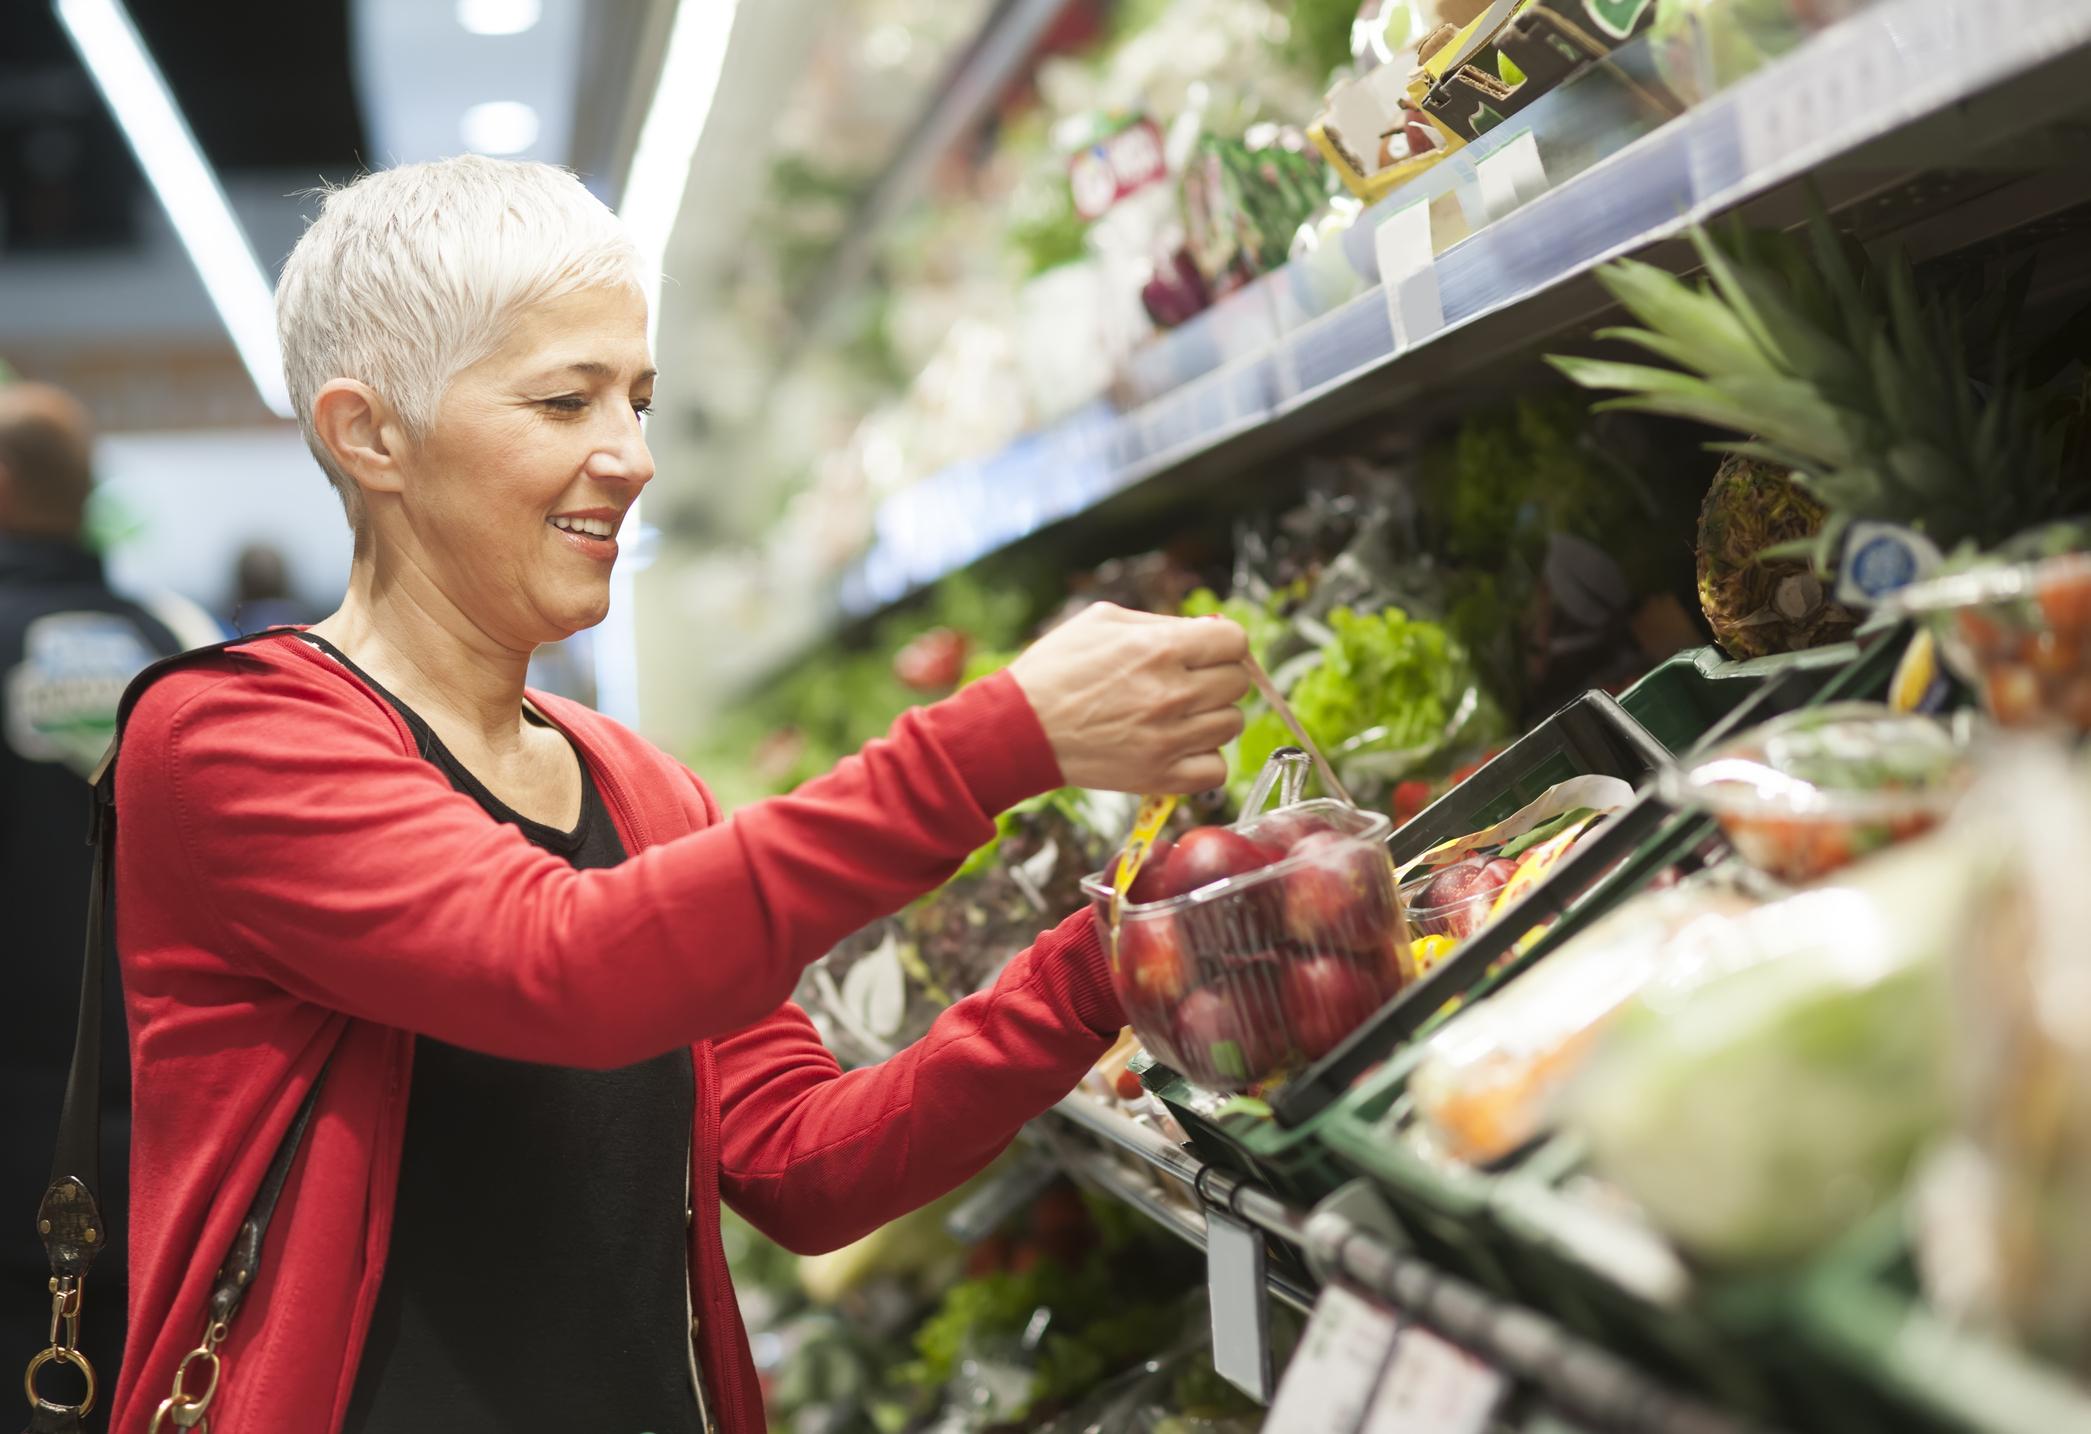 Dicas para mercearias e minimercados se adequarem ao consumidor moderno